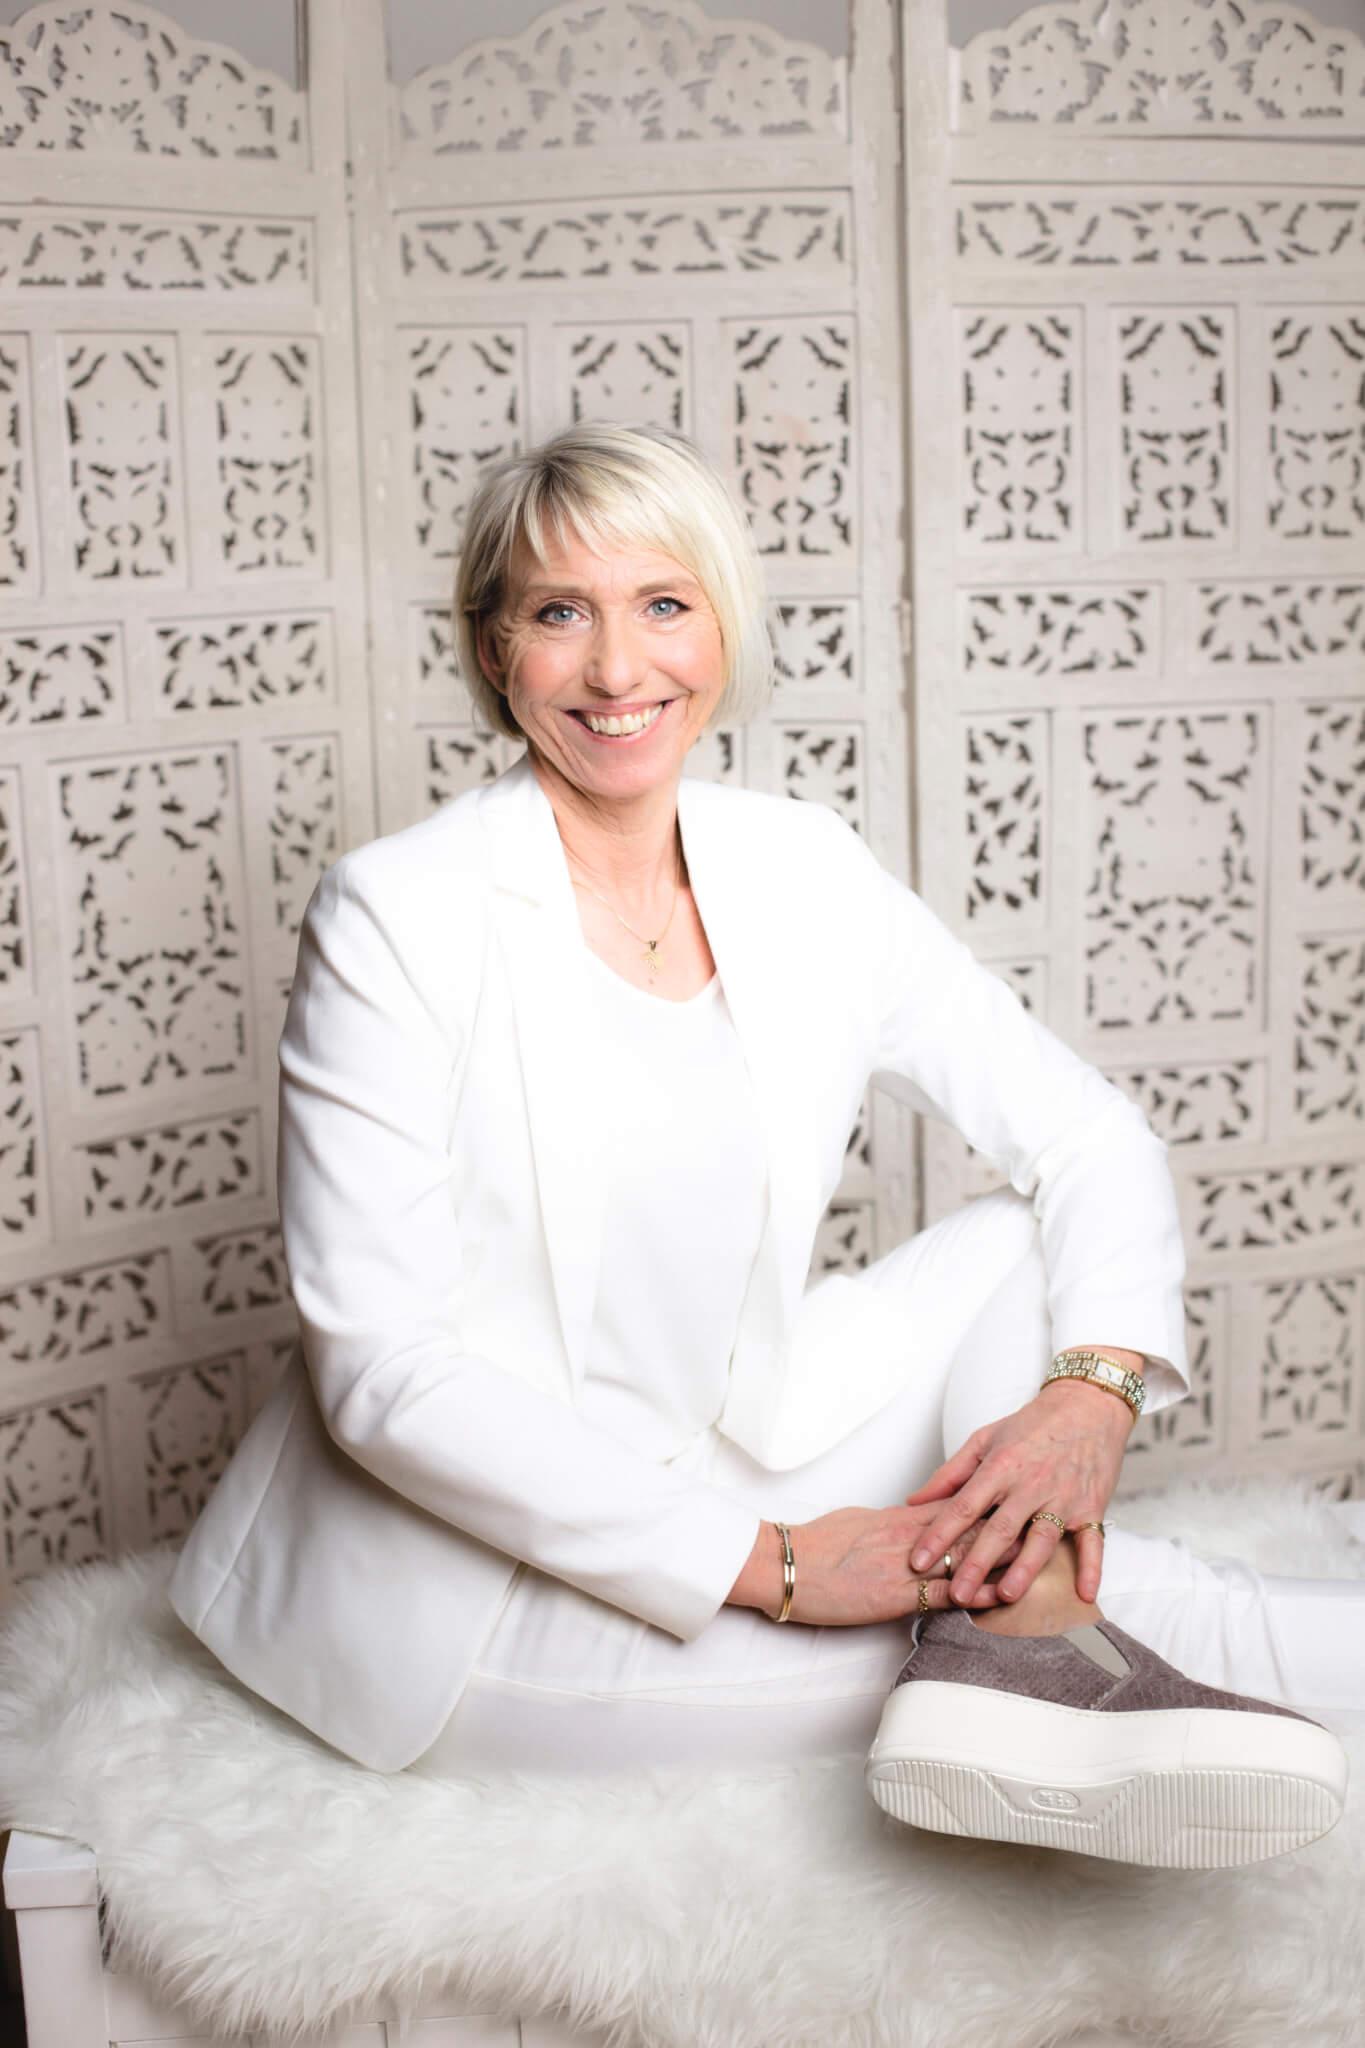 RESET METODEN - Livsstilsprogram til kvinder i overgangsalderen